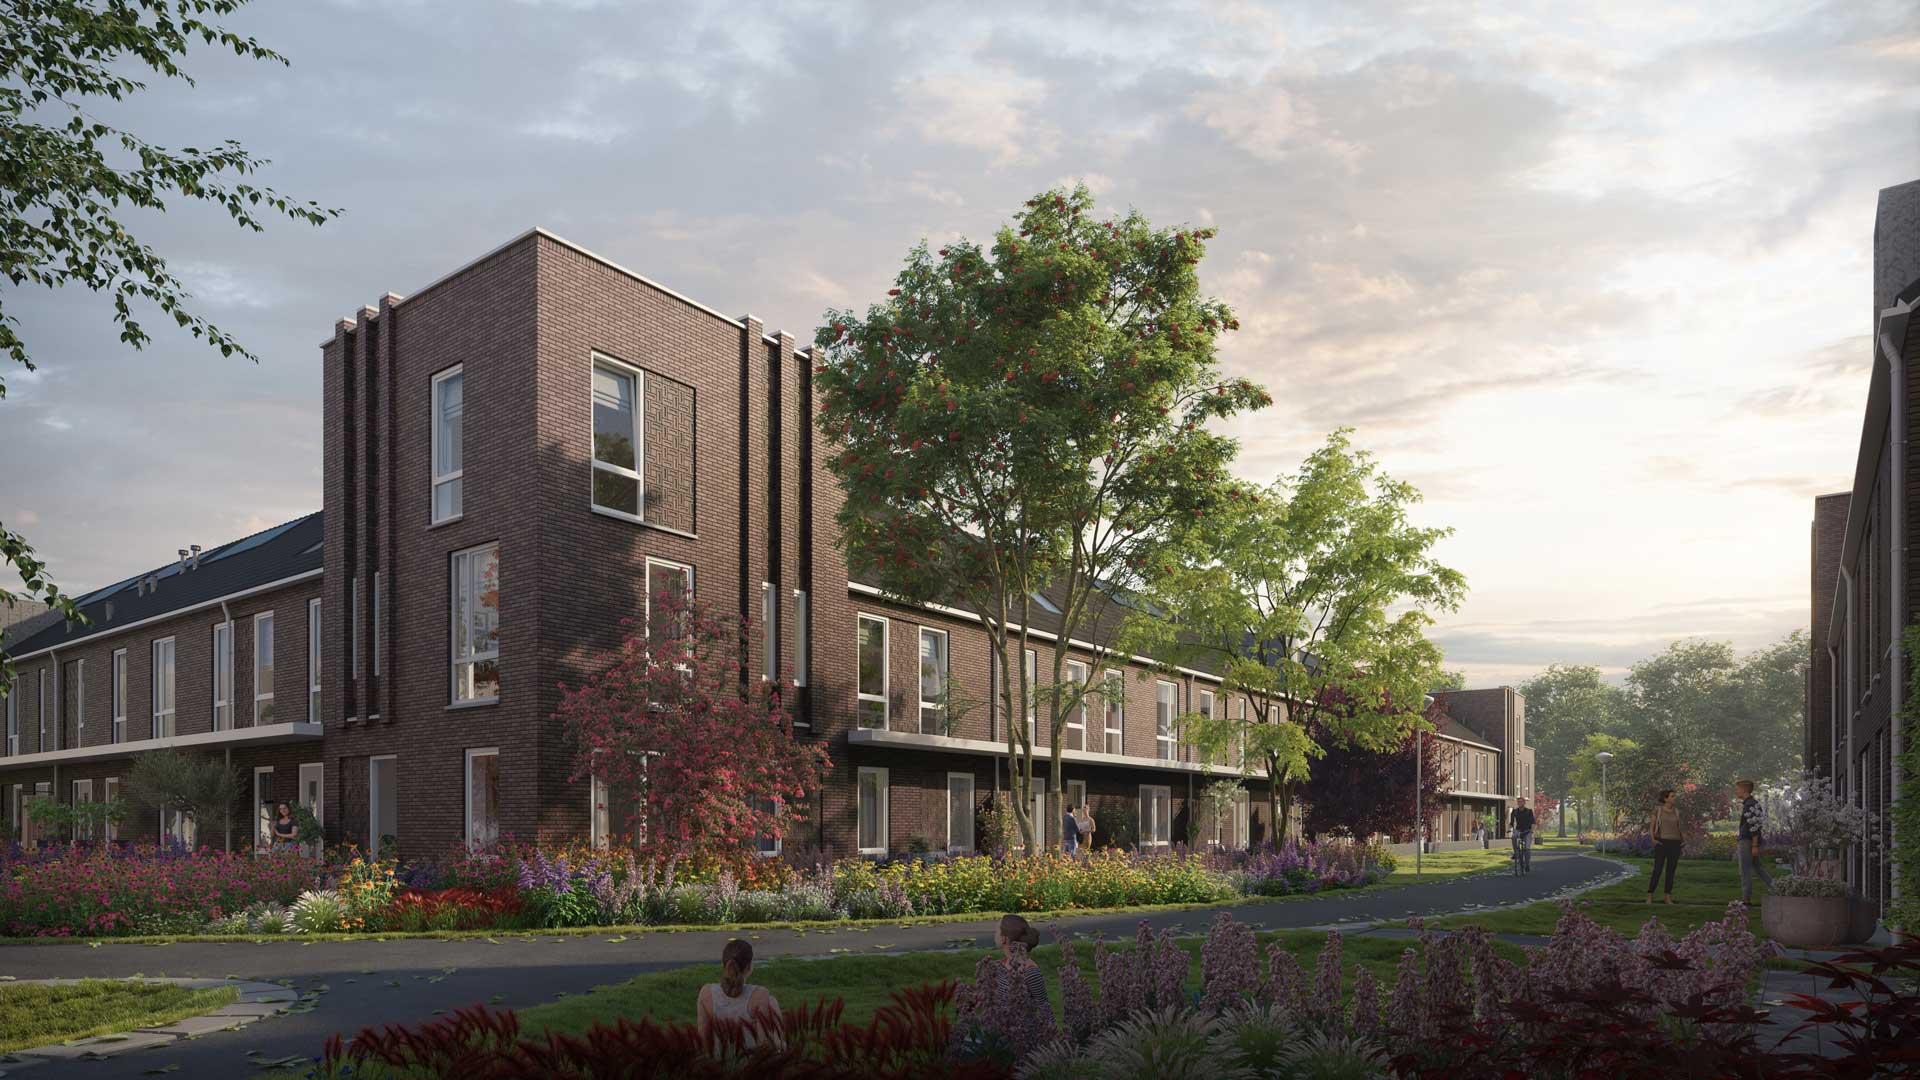 Koopwoningen-Deventer-Plan-G-knipoog-naar-het-verleden